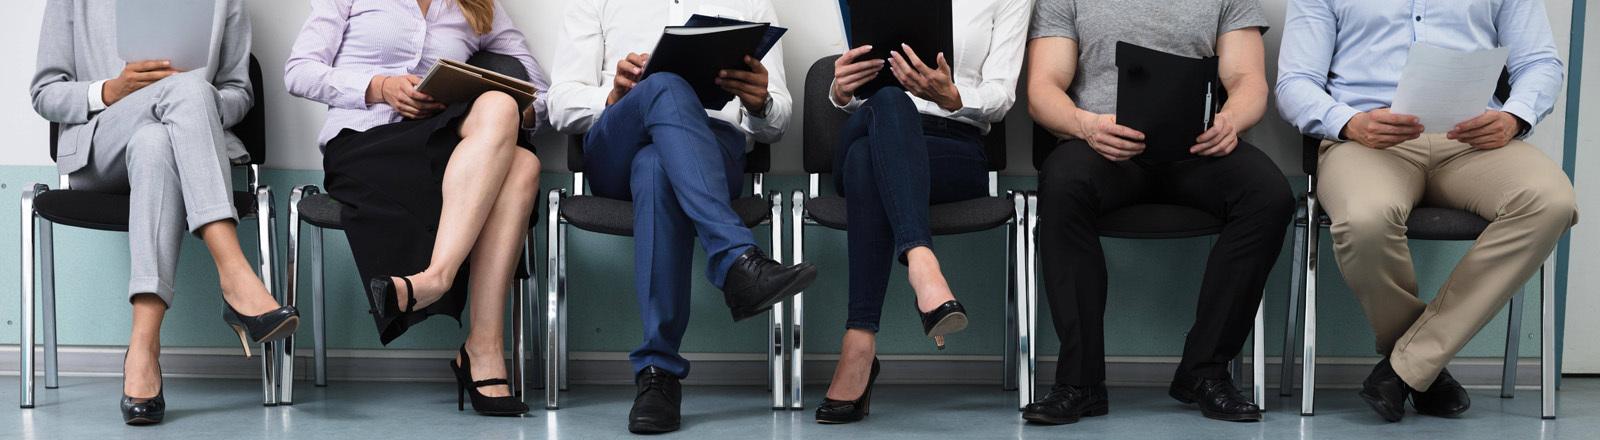 Personen sitzen mit Bewerbungsmappen auf Stühlen